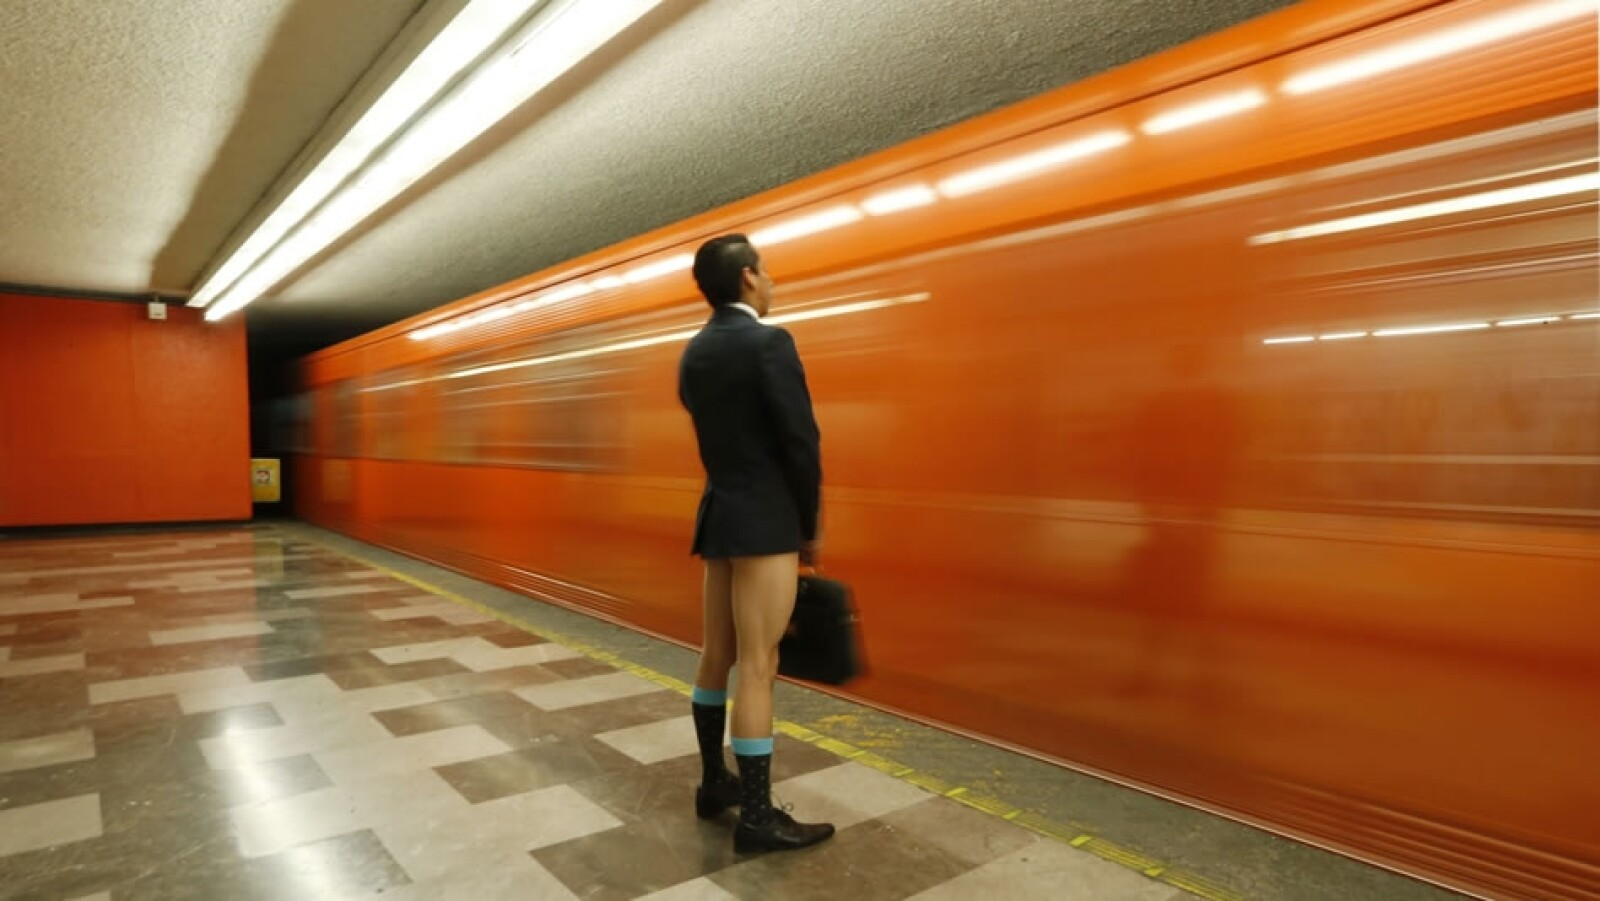 Sin pantalones pero con saco y zapatos de vestir esperando el Metro